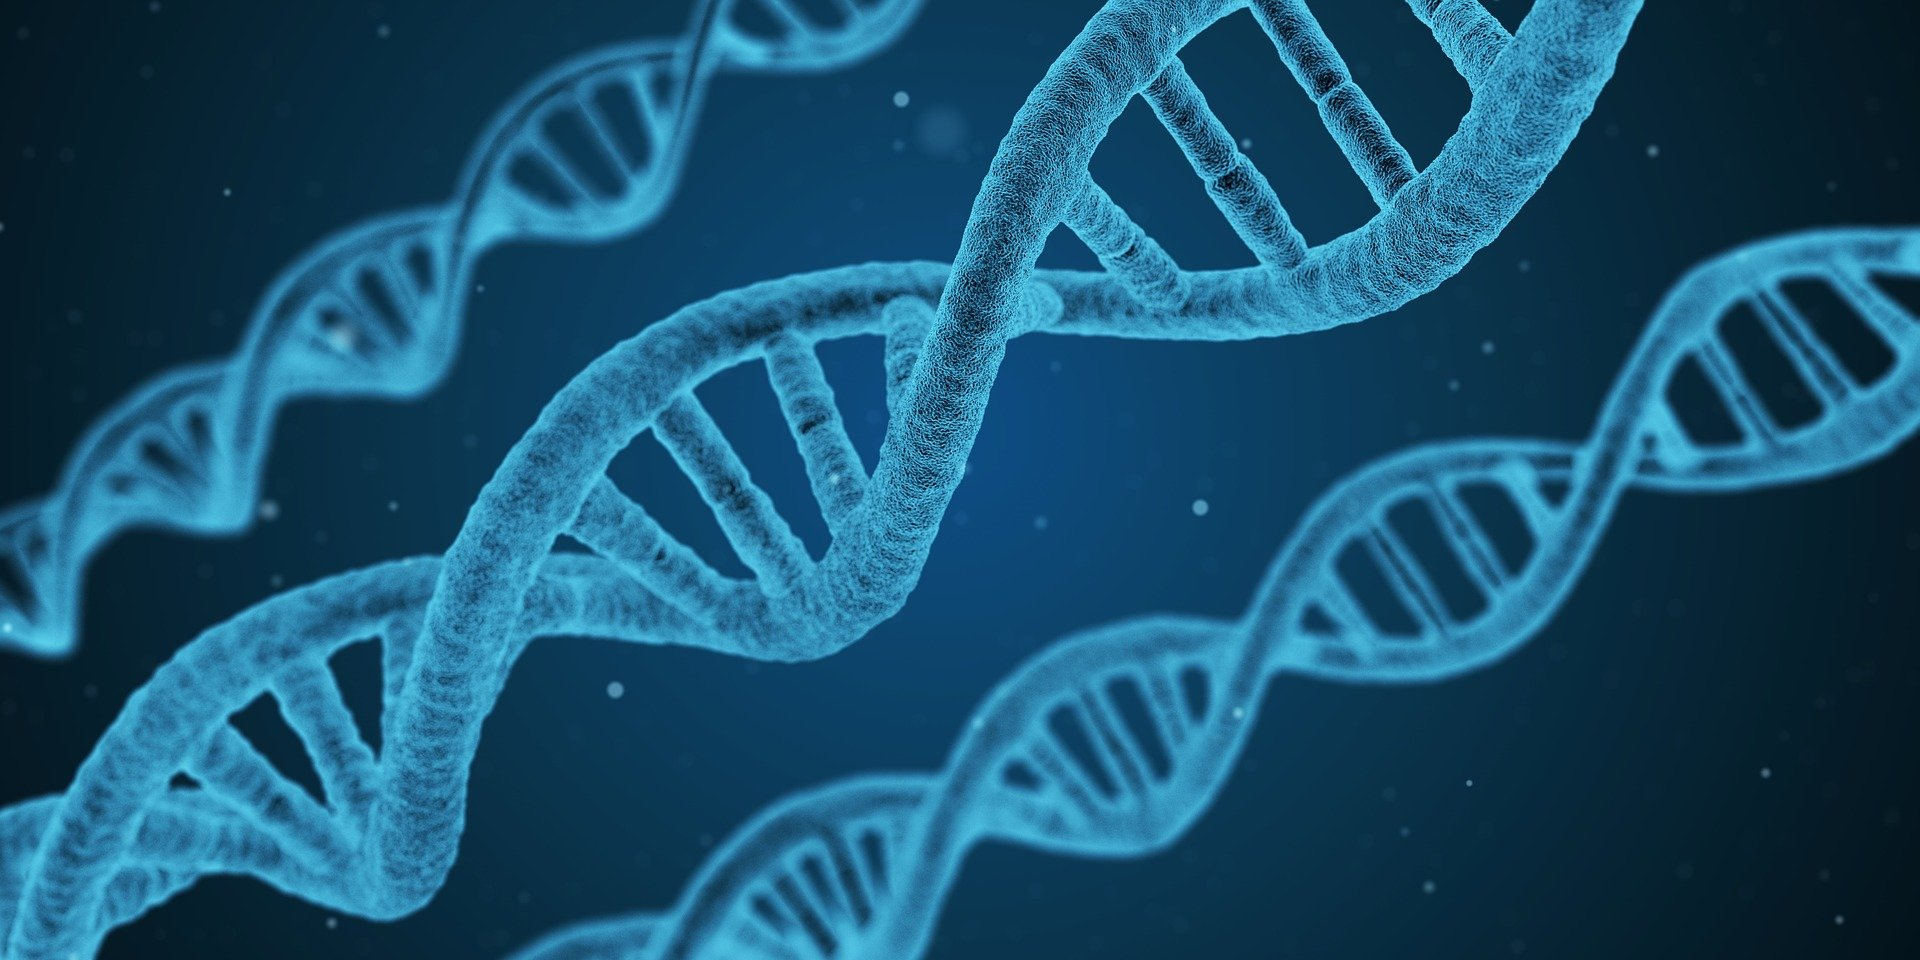 Die Berechnung der genetischen links zwischen Krankheiten, ohne die genetischen Daten